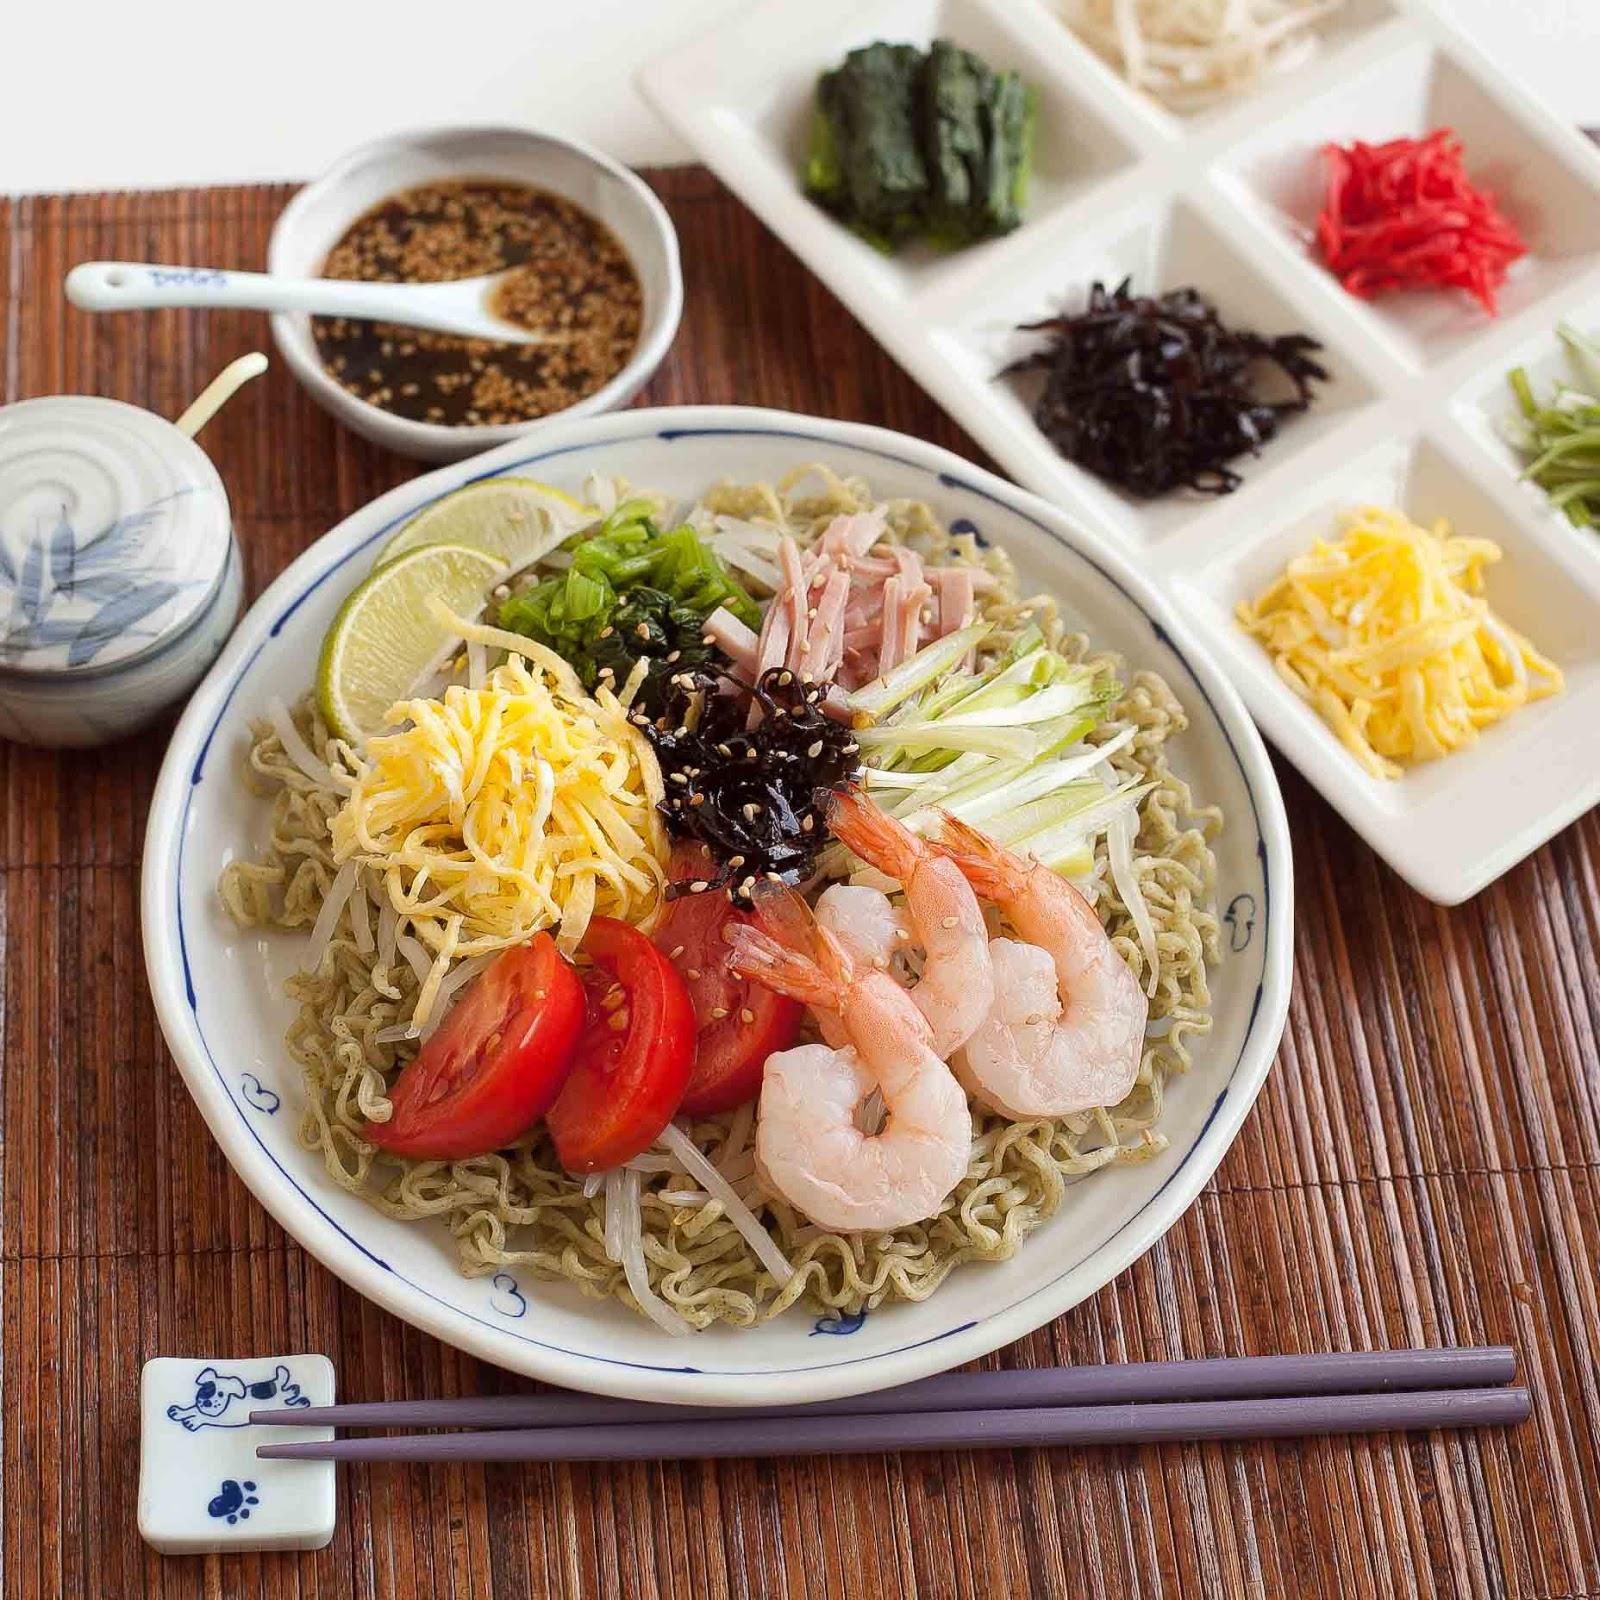 FOODjimoto: Hiyashi Chuka--Cold Ramen Noodles